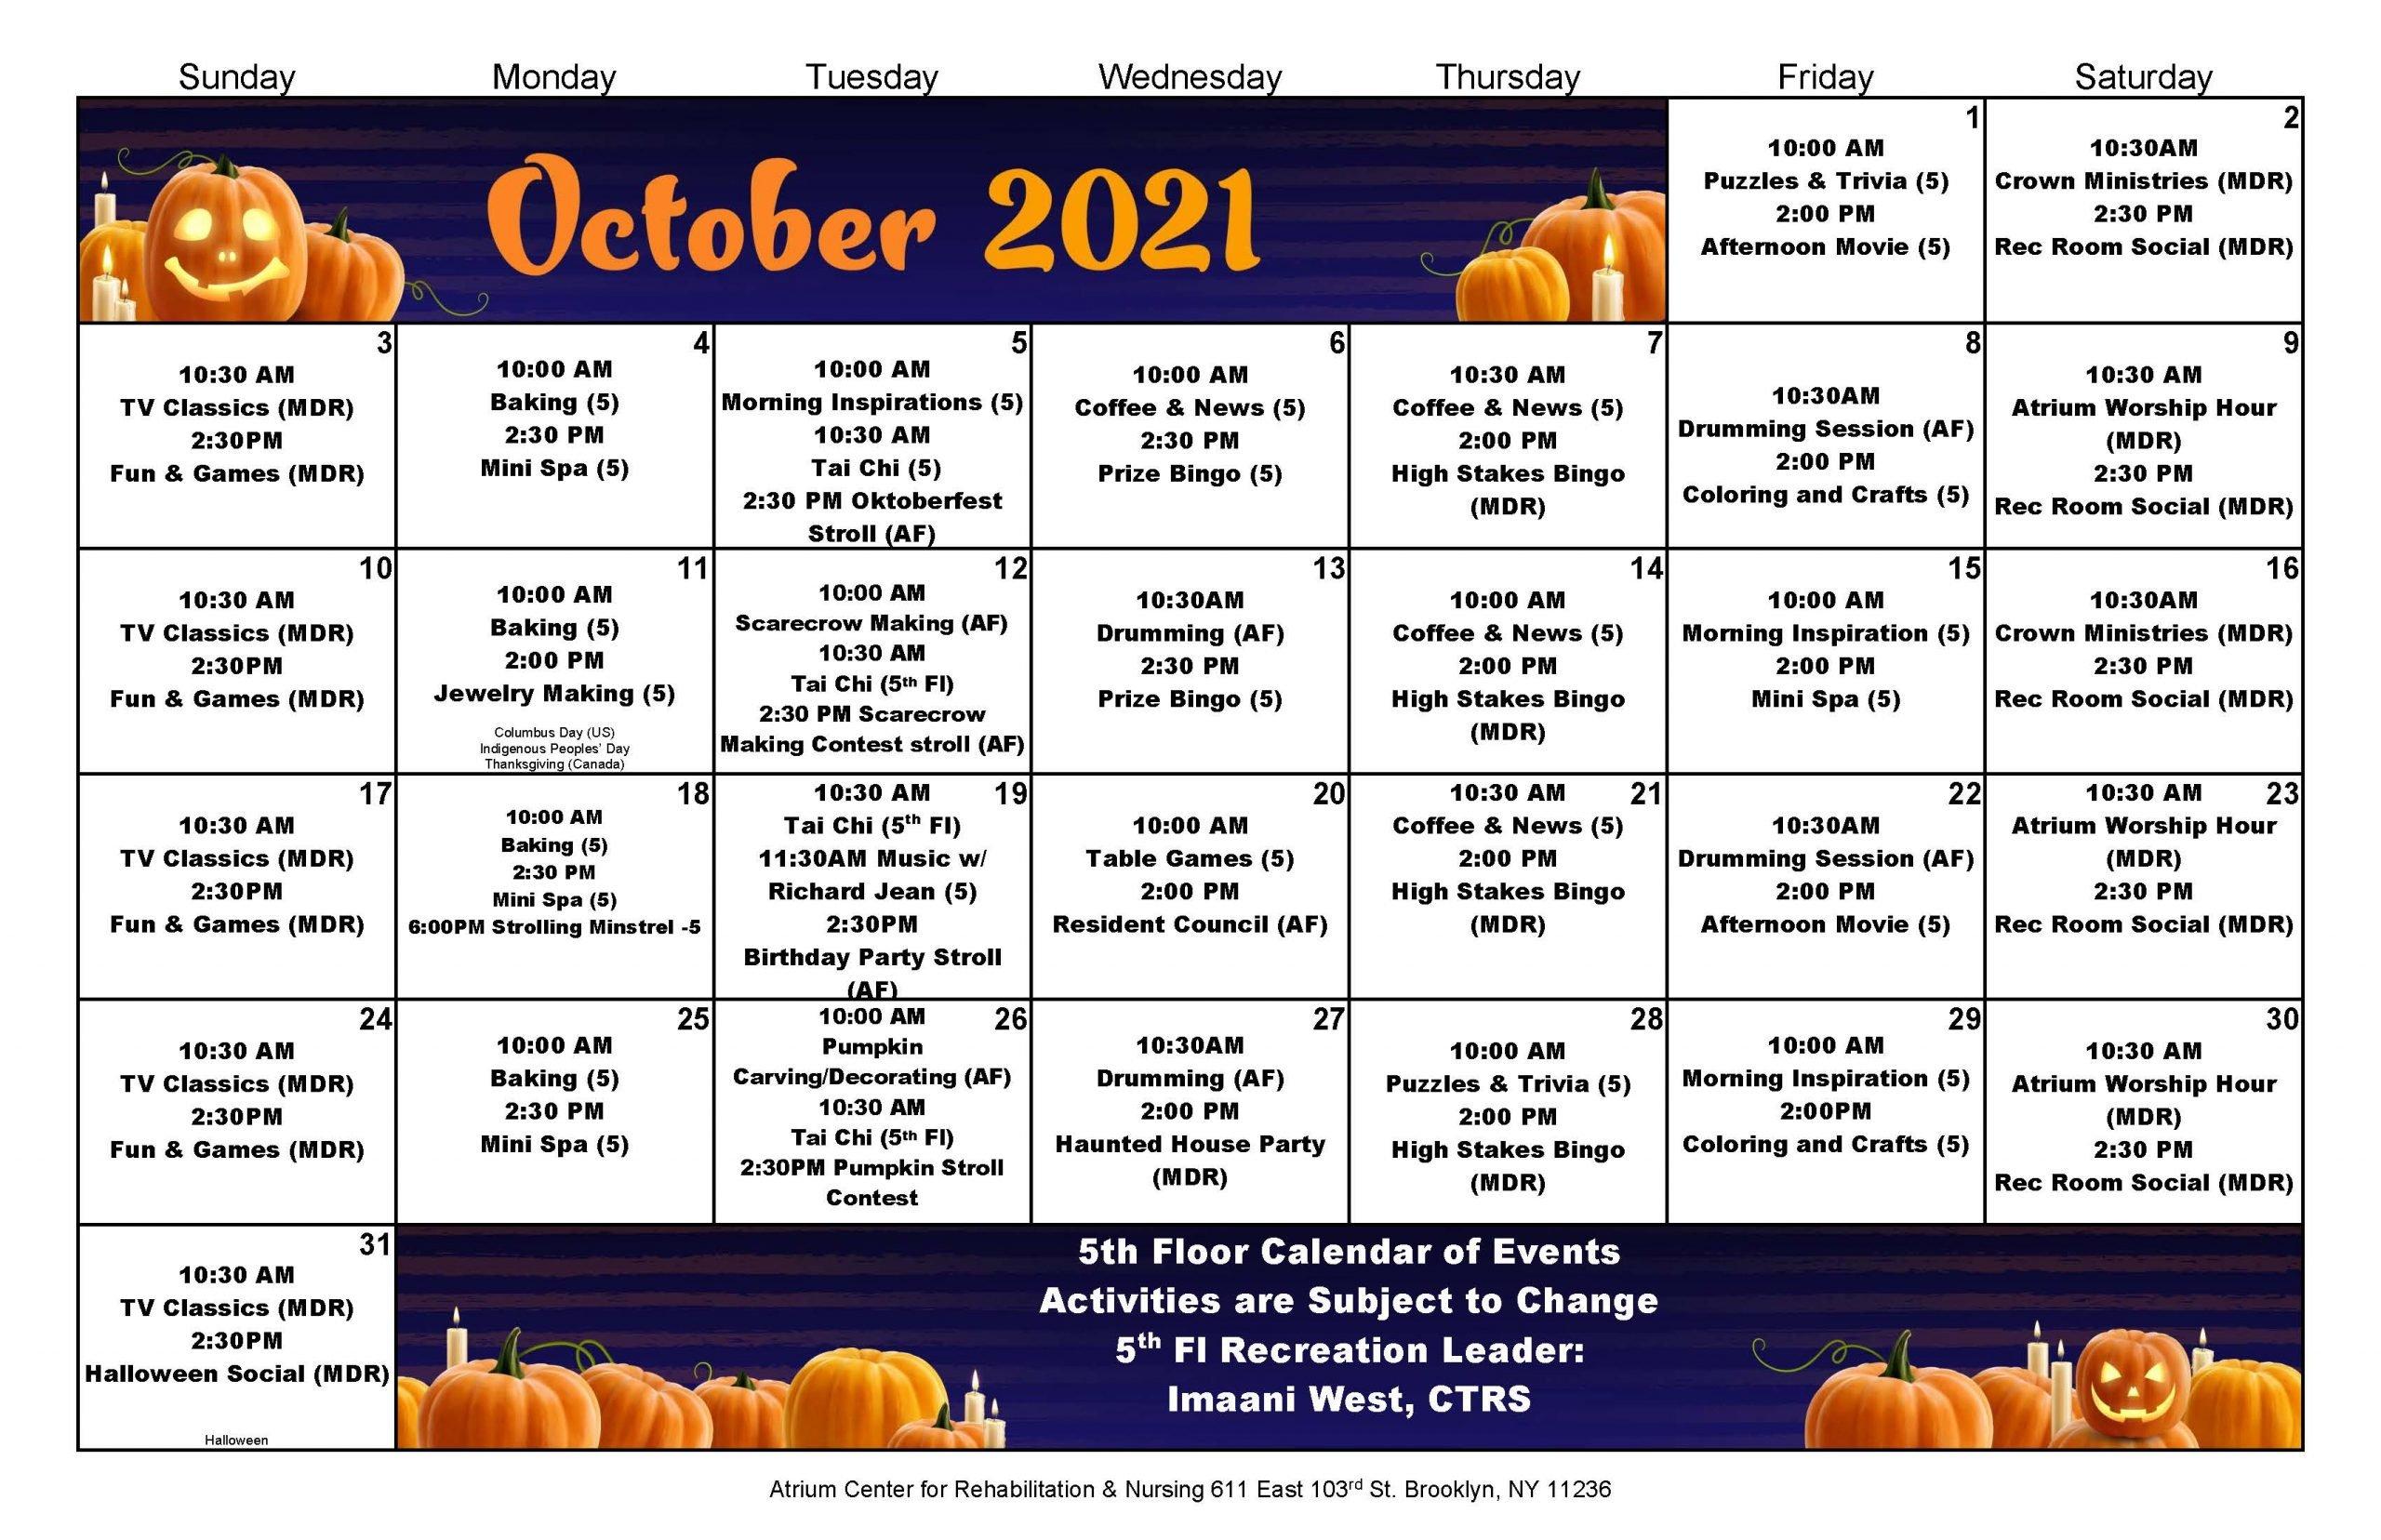 Atrium Center October 2021 Calendar - 5th Floor